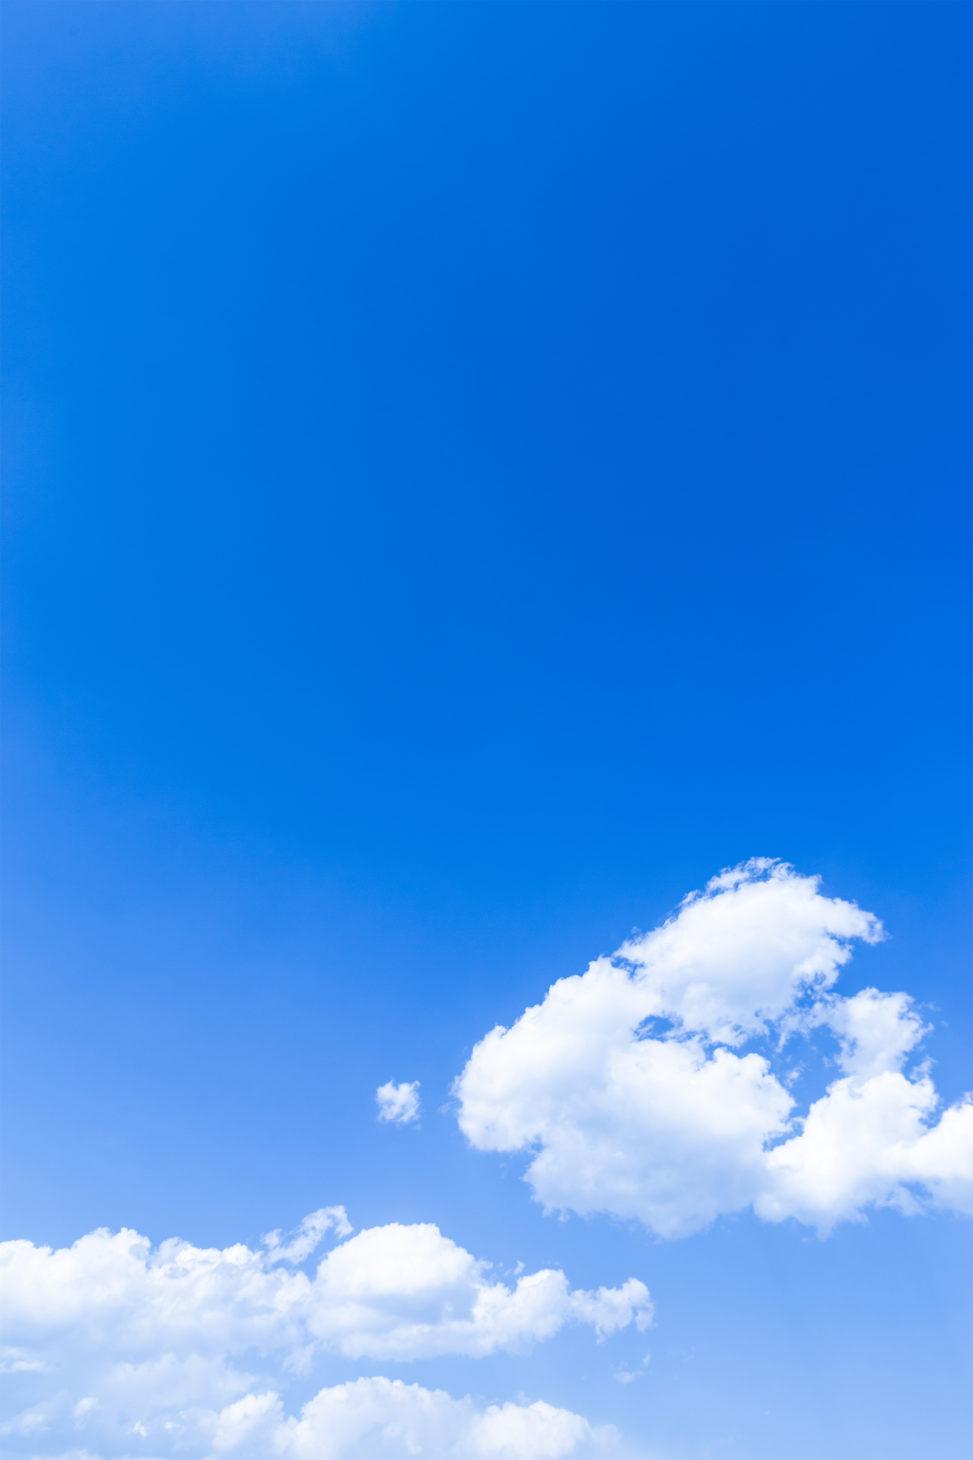 青空と雲02 無料の高画質フリー写真素材 イメージズラボ